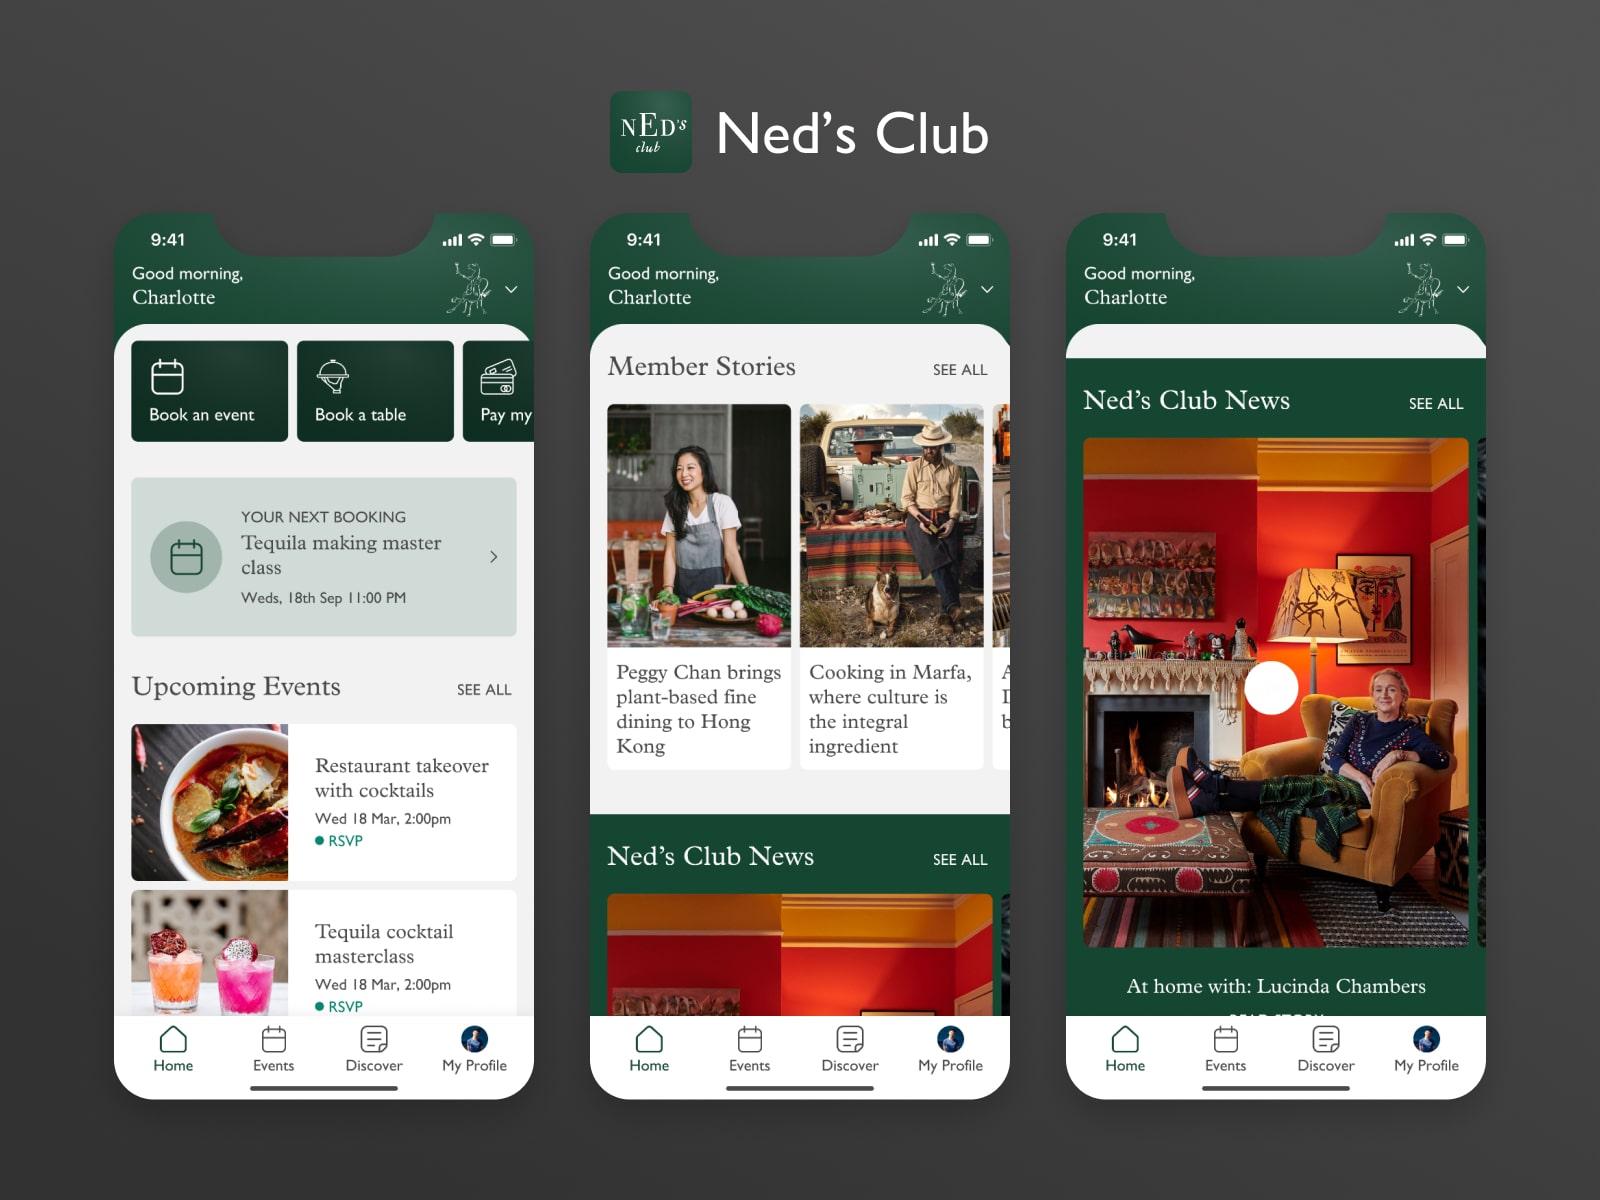 neds club home screen